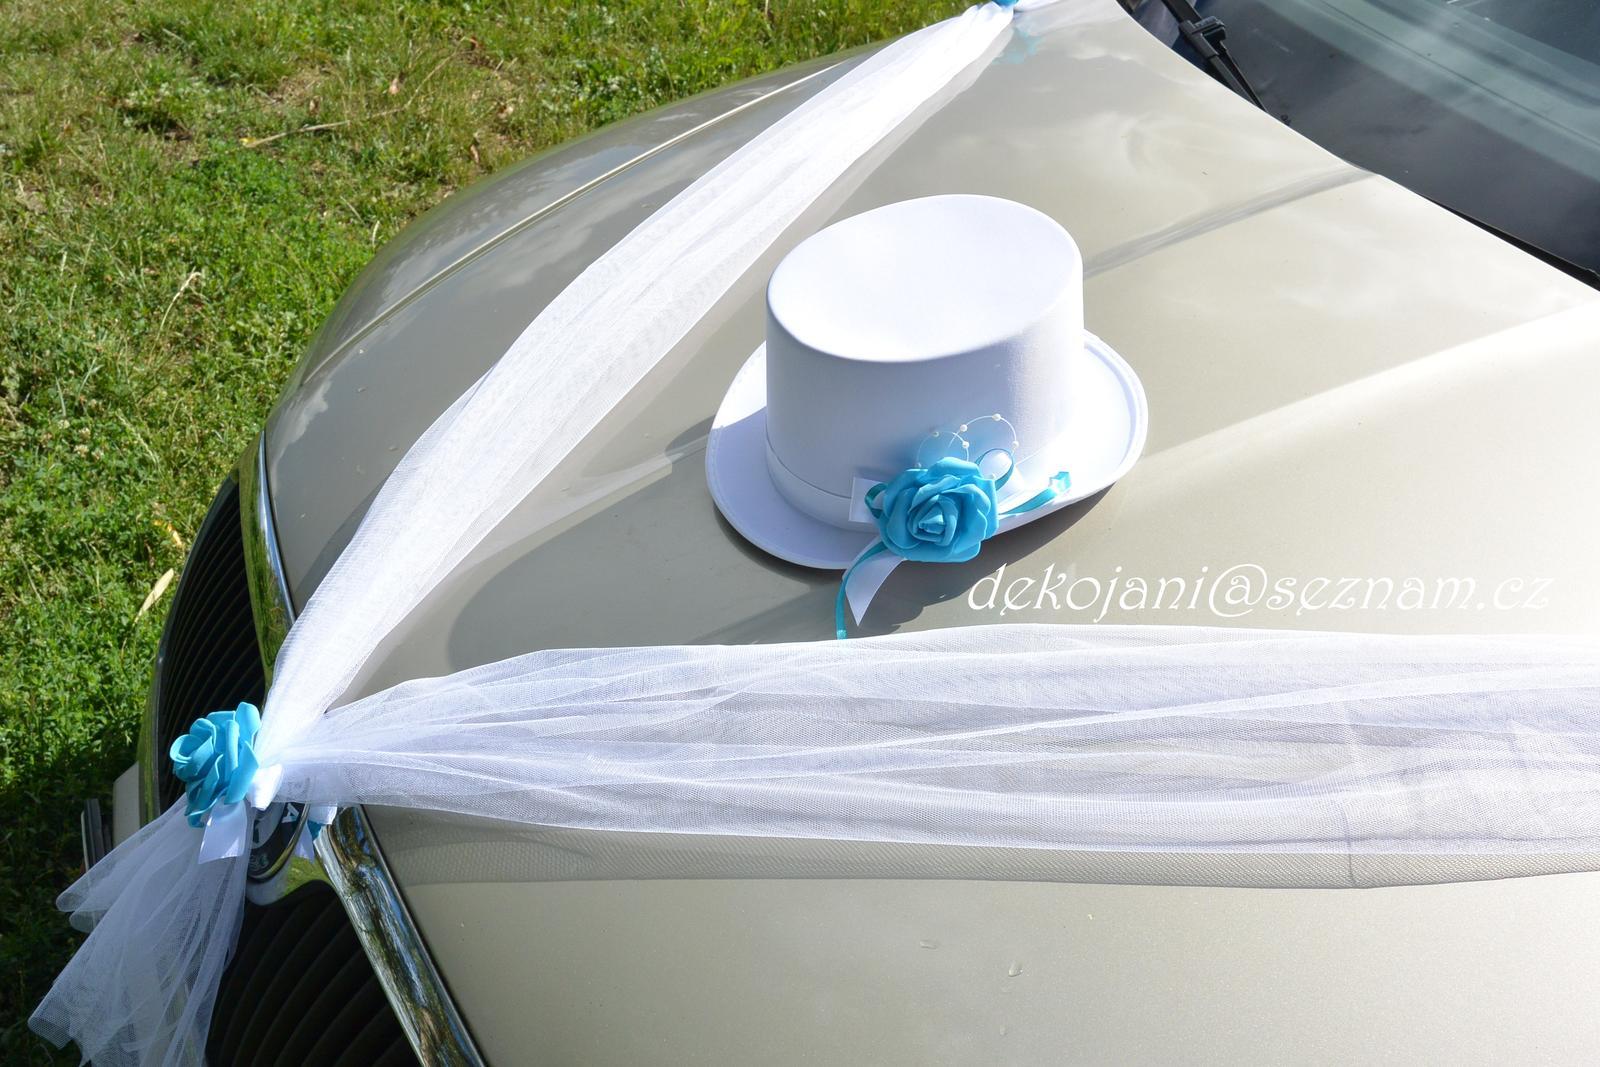 Svatební dekorace na auto ženicha - Obrázek č. 1